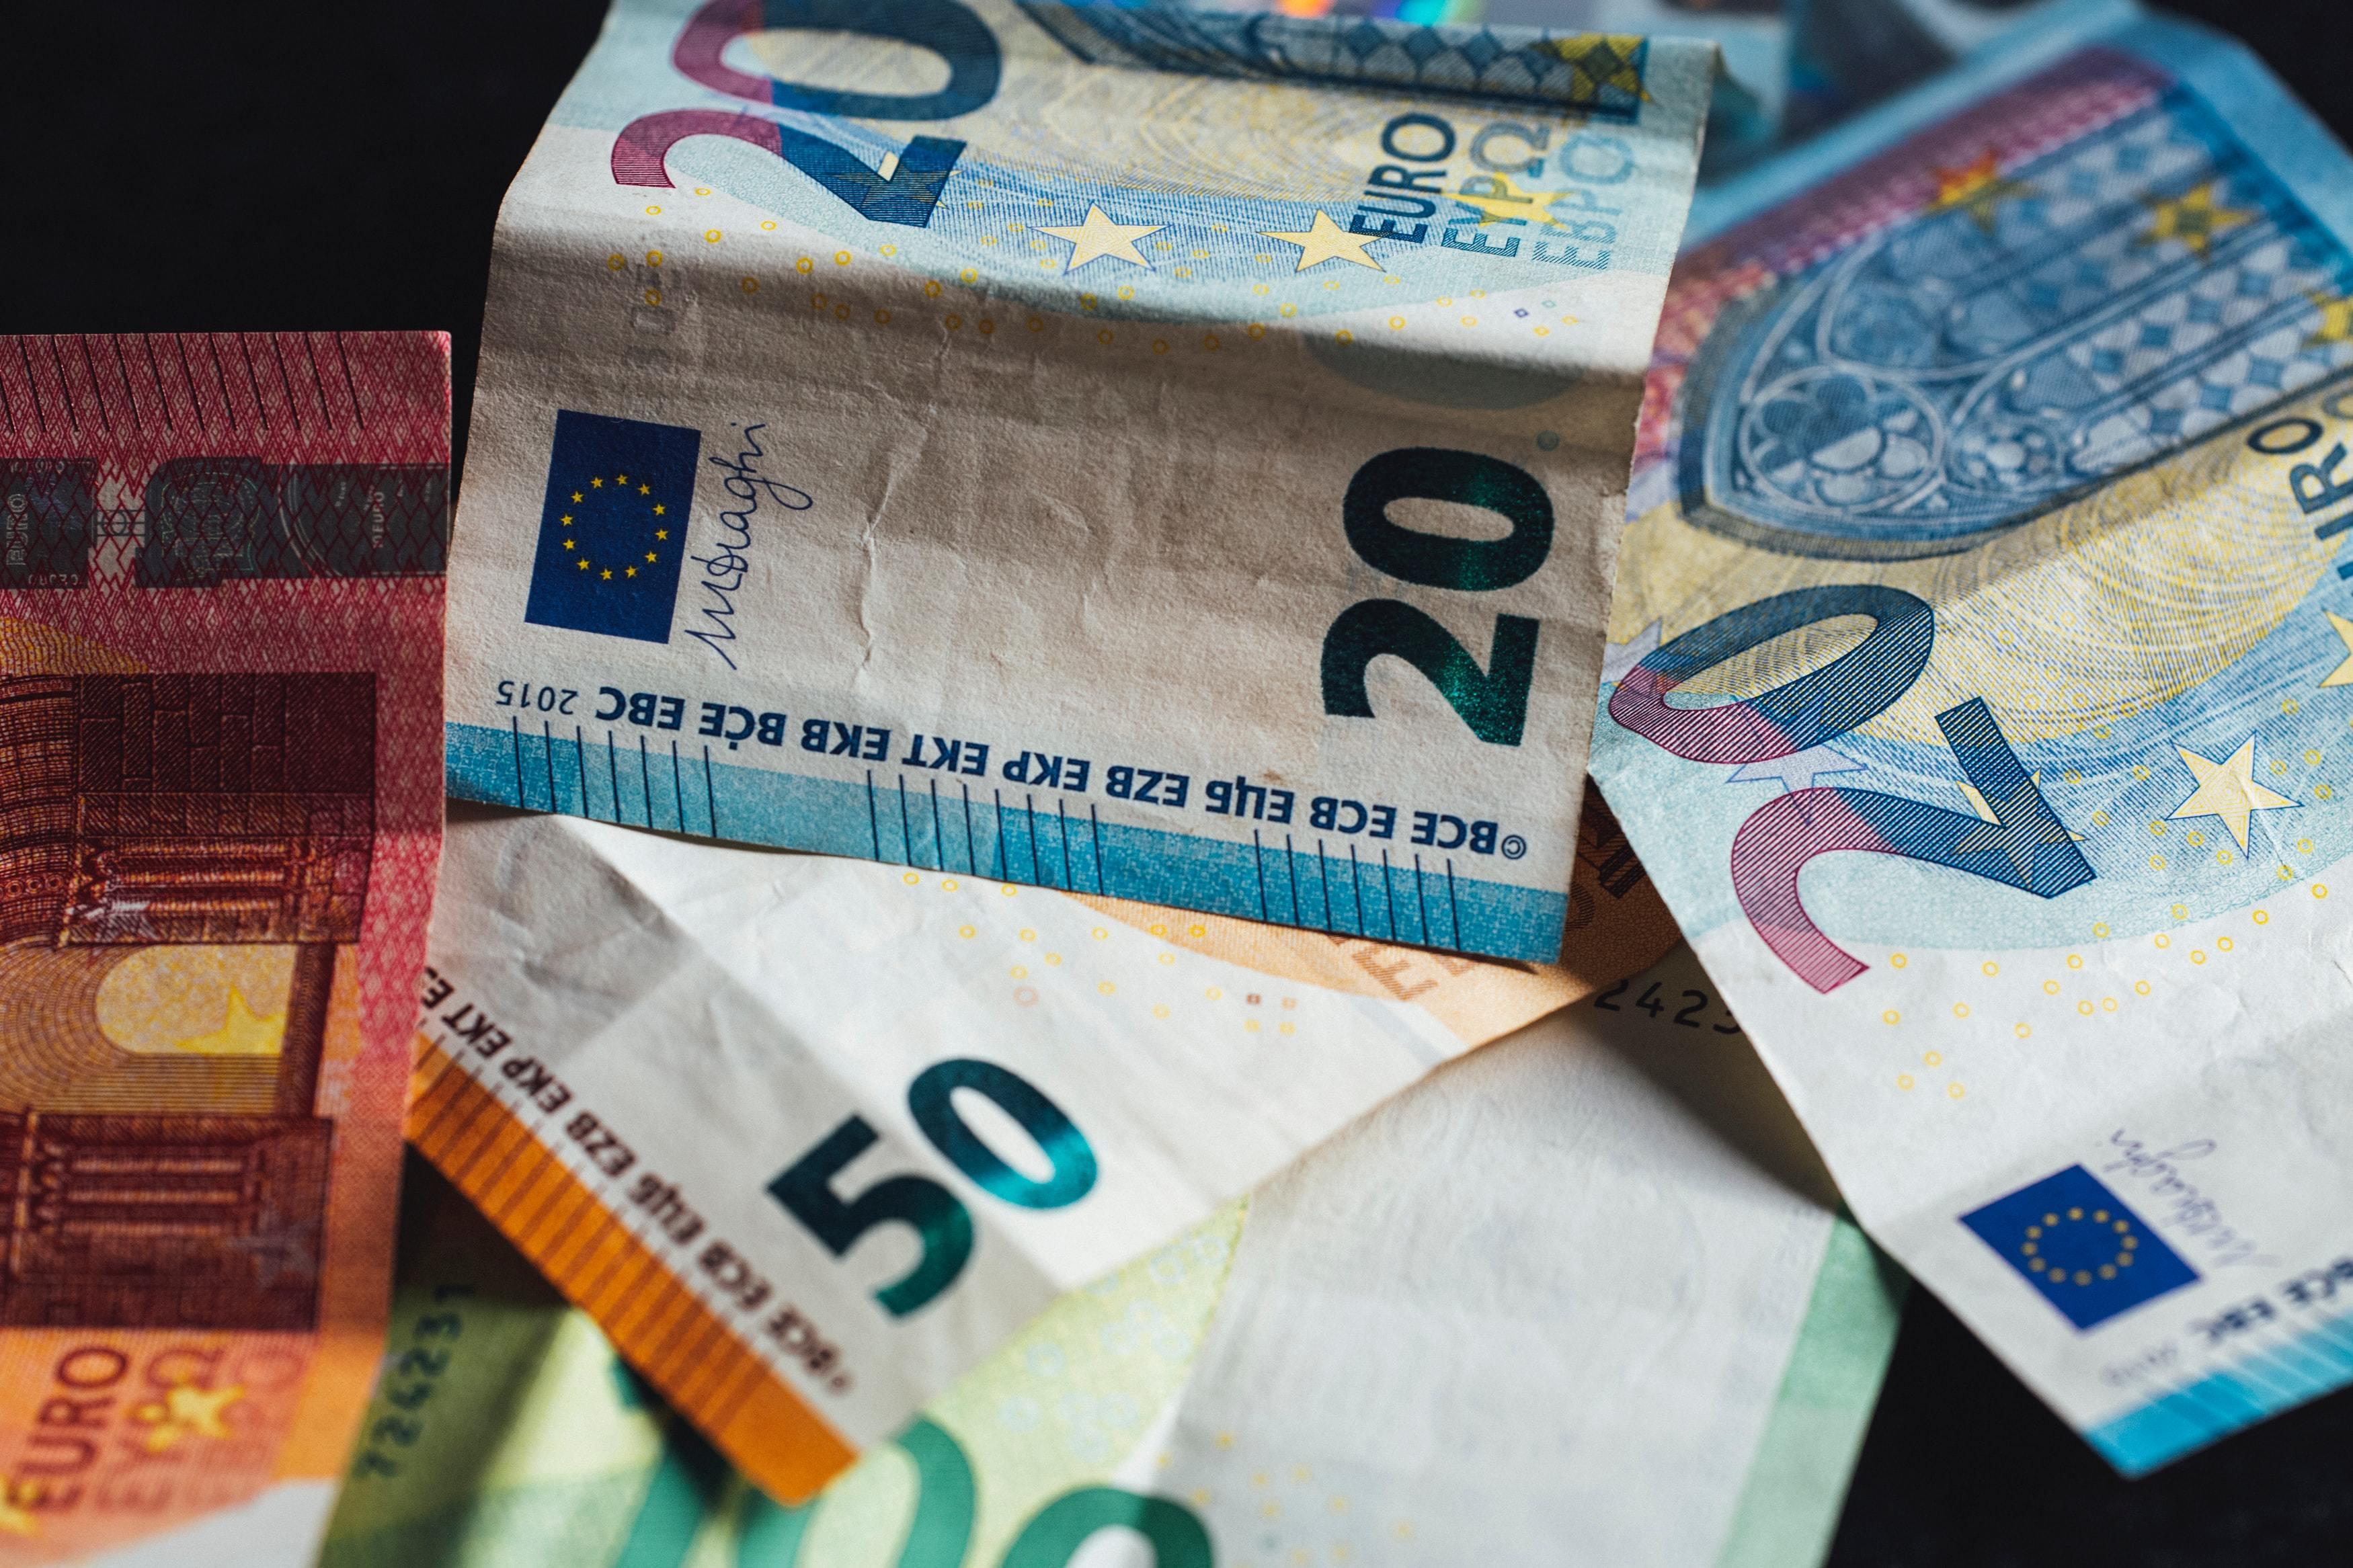 PI Geld ist nicht alles oder Mehrheit der Arbeitnehmer will bei Jobwechsel unbedingt mehr verdienen